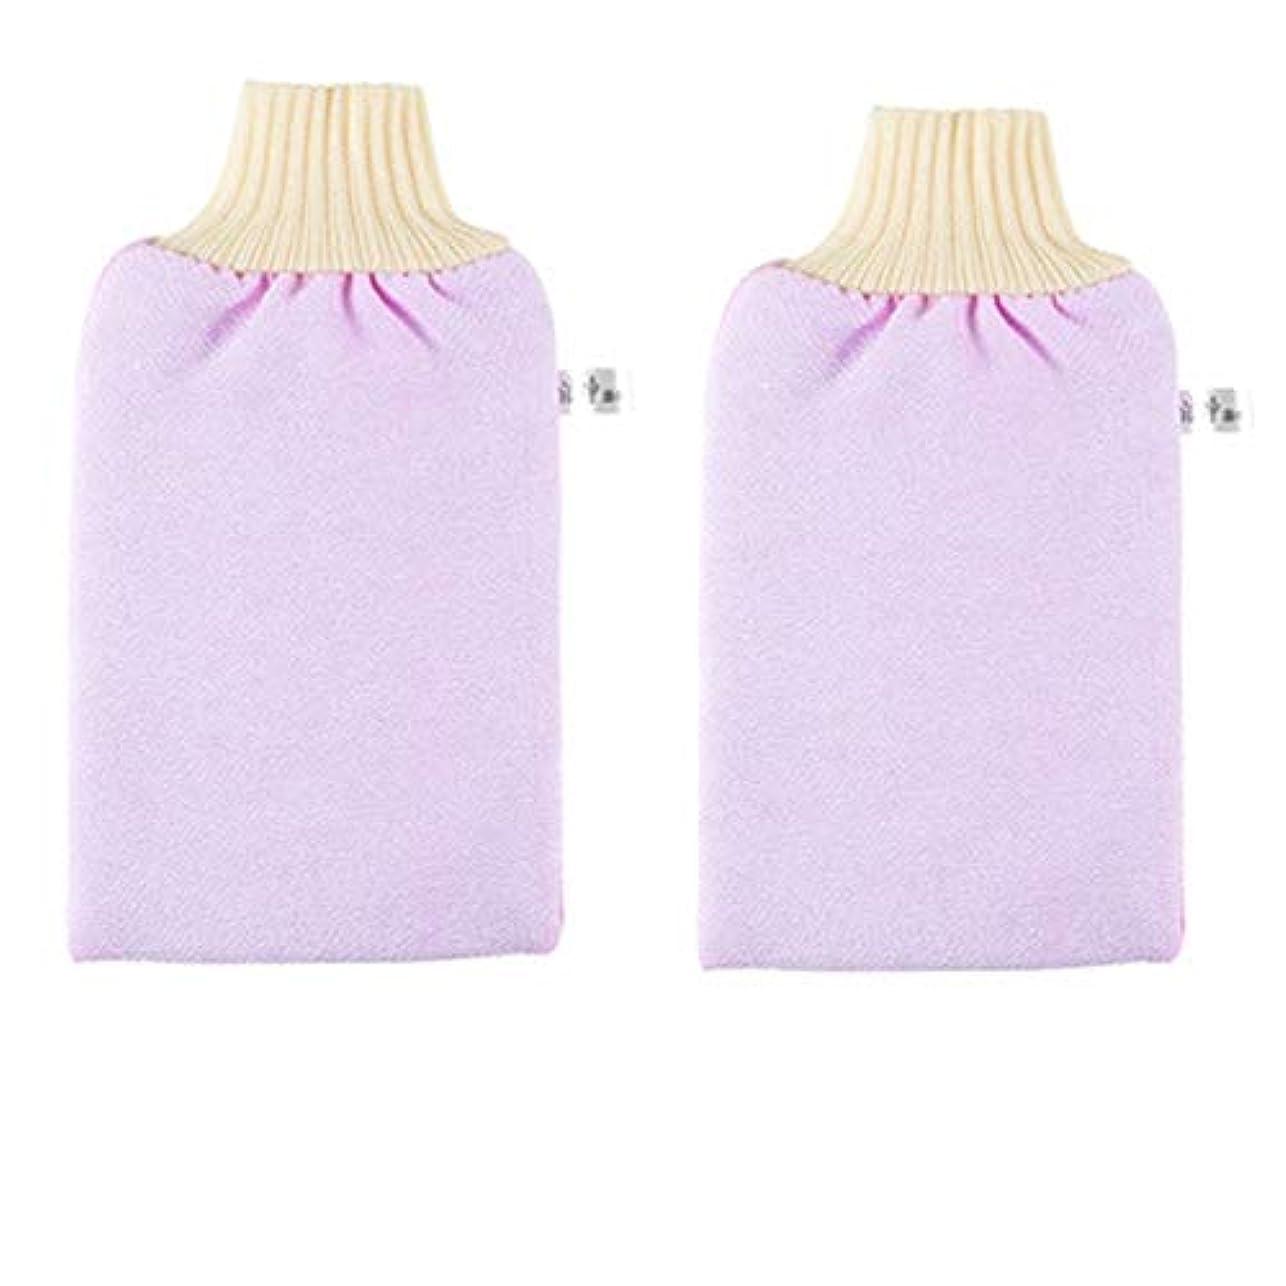 喜んで好奇心盛マーキーBTXXYJP お風呂用手袋 シャワー手袋 あかすり ボディブラシ やわらか ボディタオル 角質除去 (Color : Pink-2 packs)